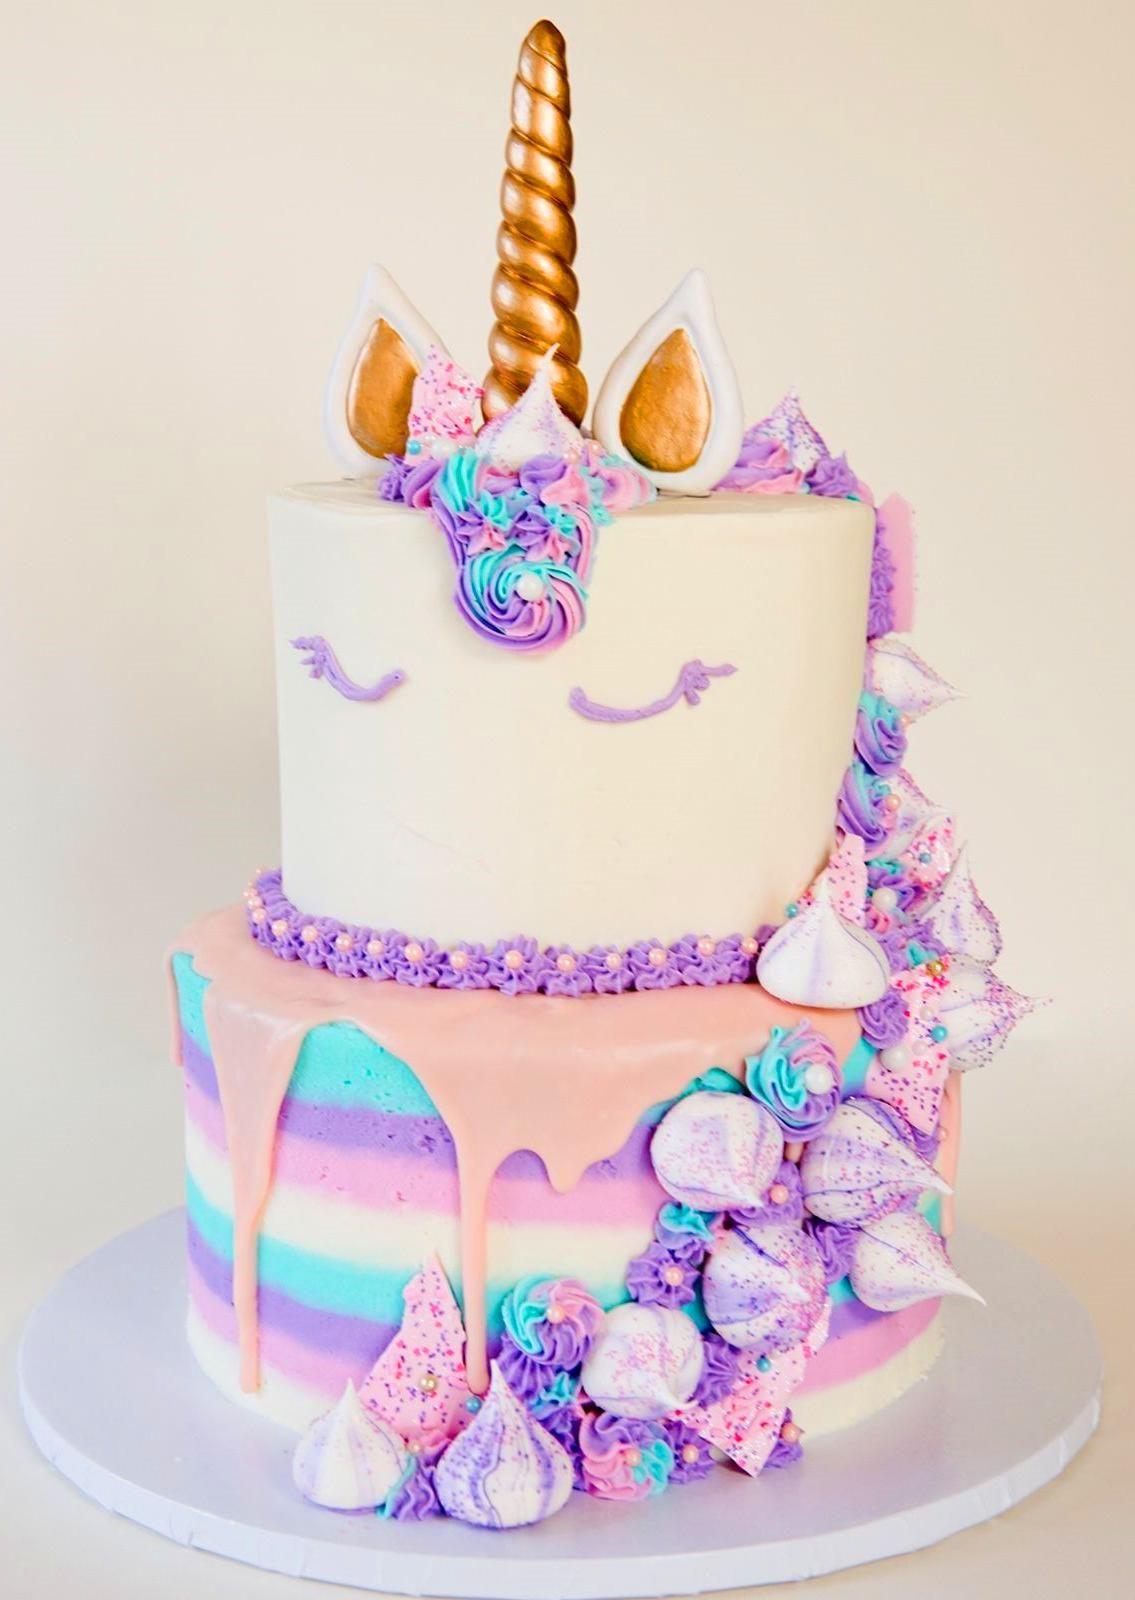 60 Simple Unicorn Cake Design Ideas Unicorn Birthday Cake Unicorn Cake Design Cake